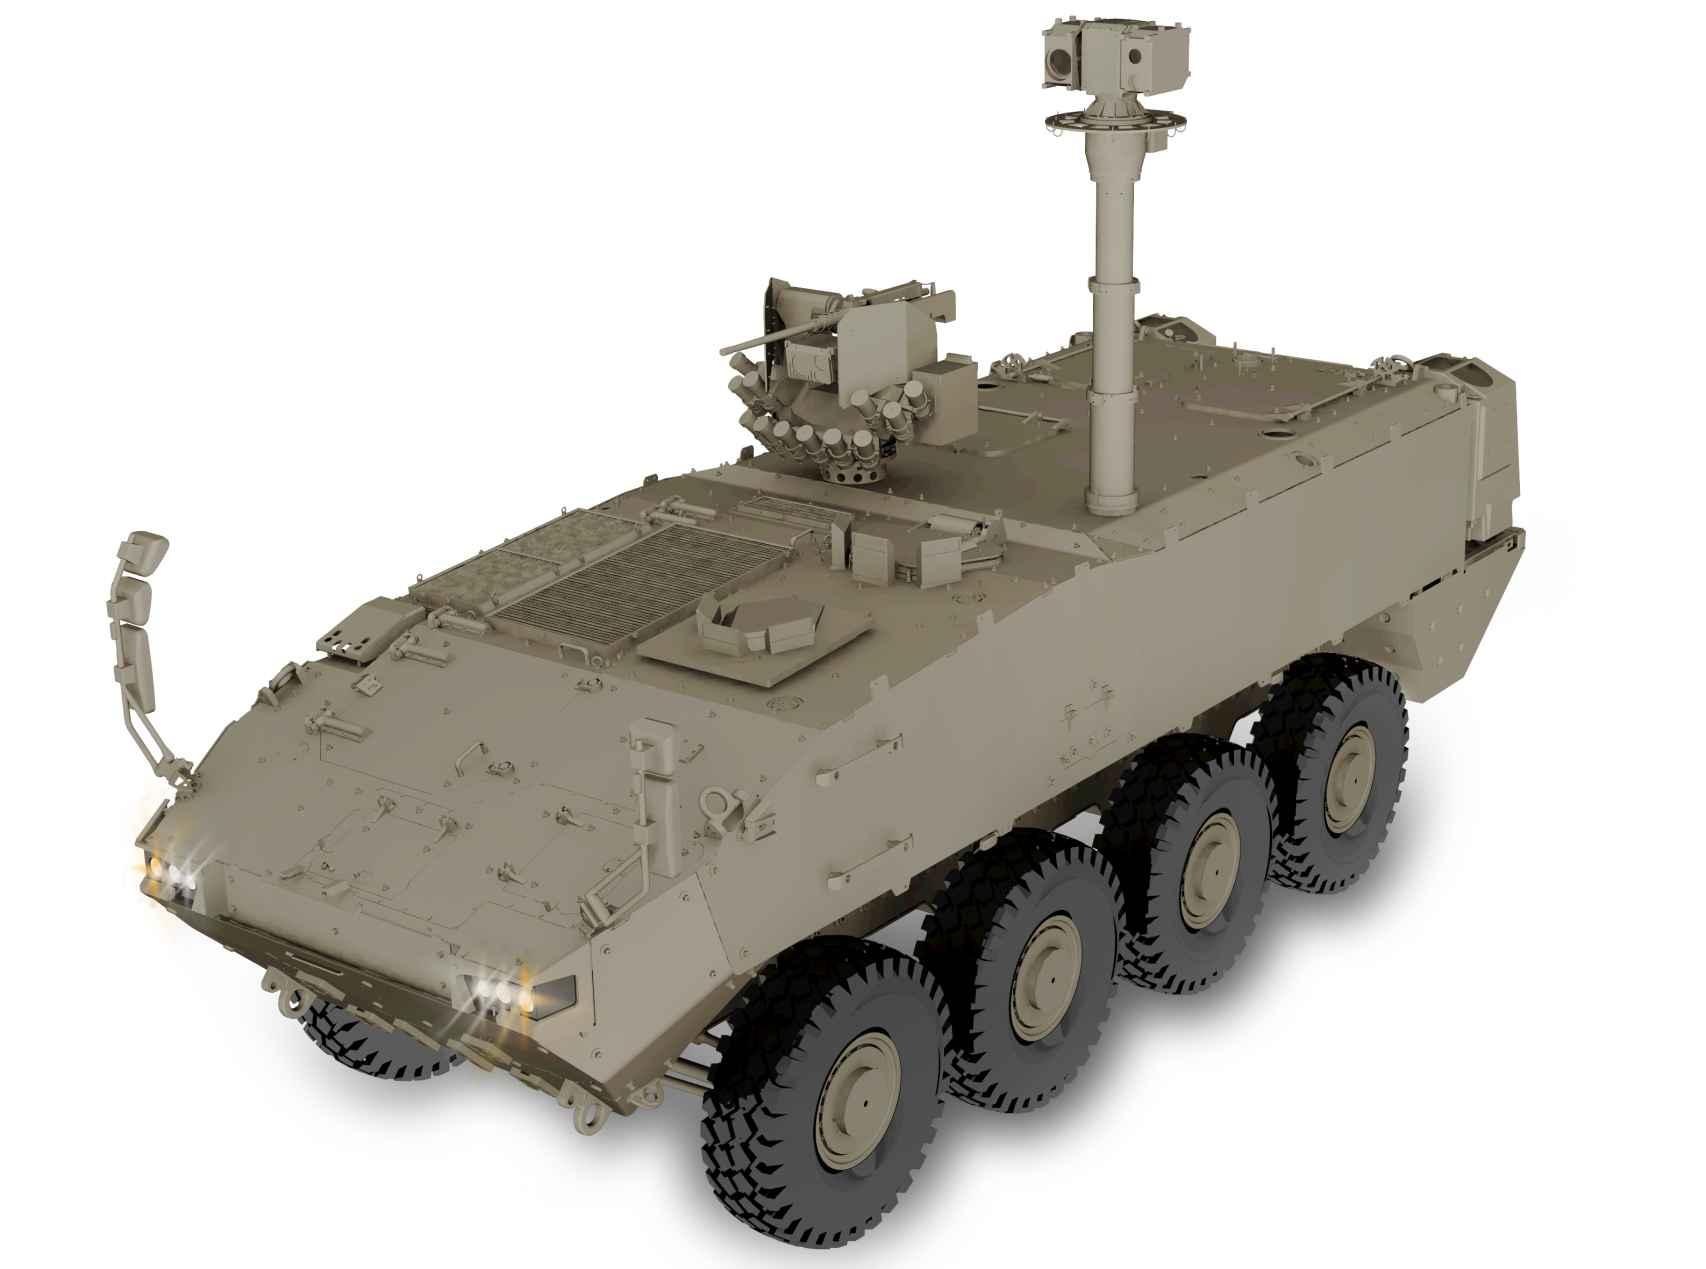 El Vehículo de Observador Avanzado de Artillería, uno de los nuevos dragones, vehículos 8x8.